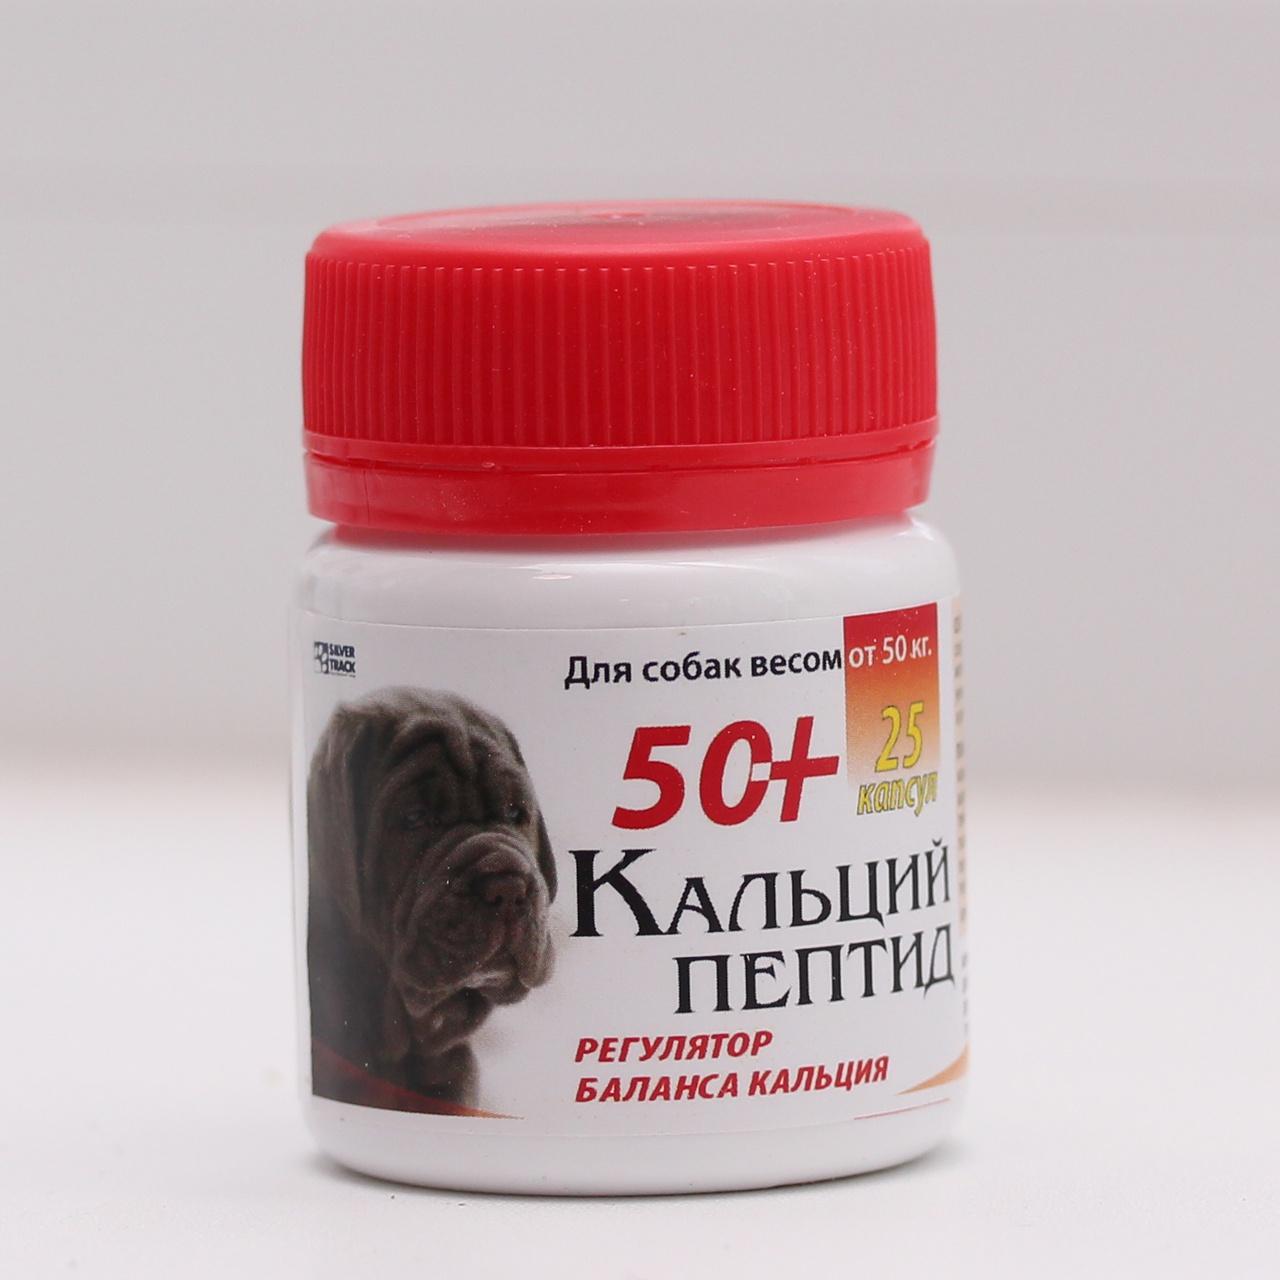 """Регулятор кальция """"Кальций Пептид"""" для собак весом от 50 кг, 25 капсул"""